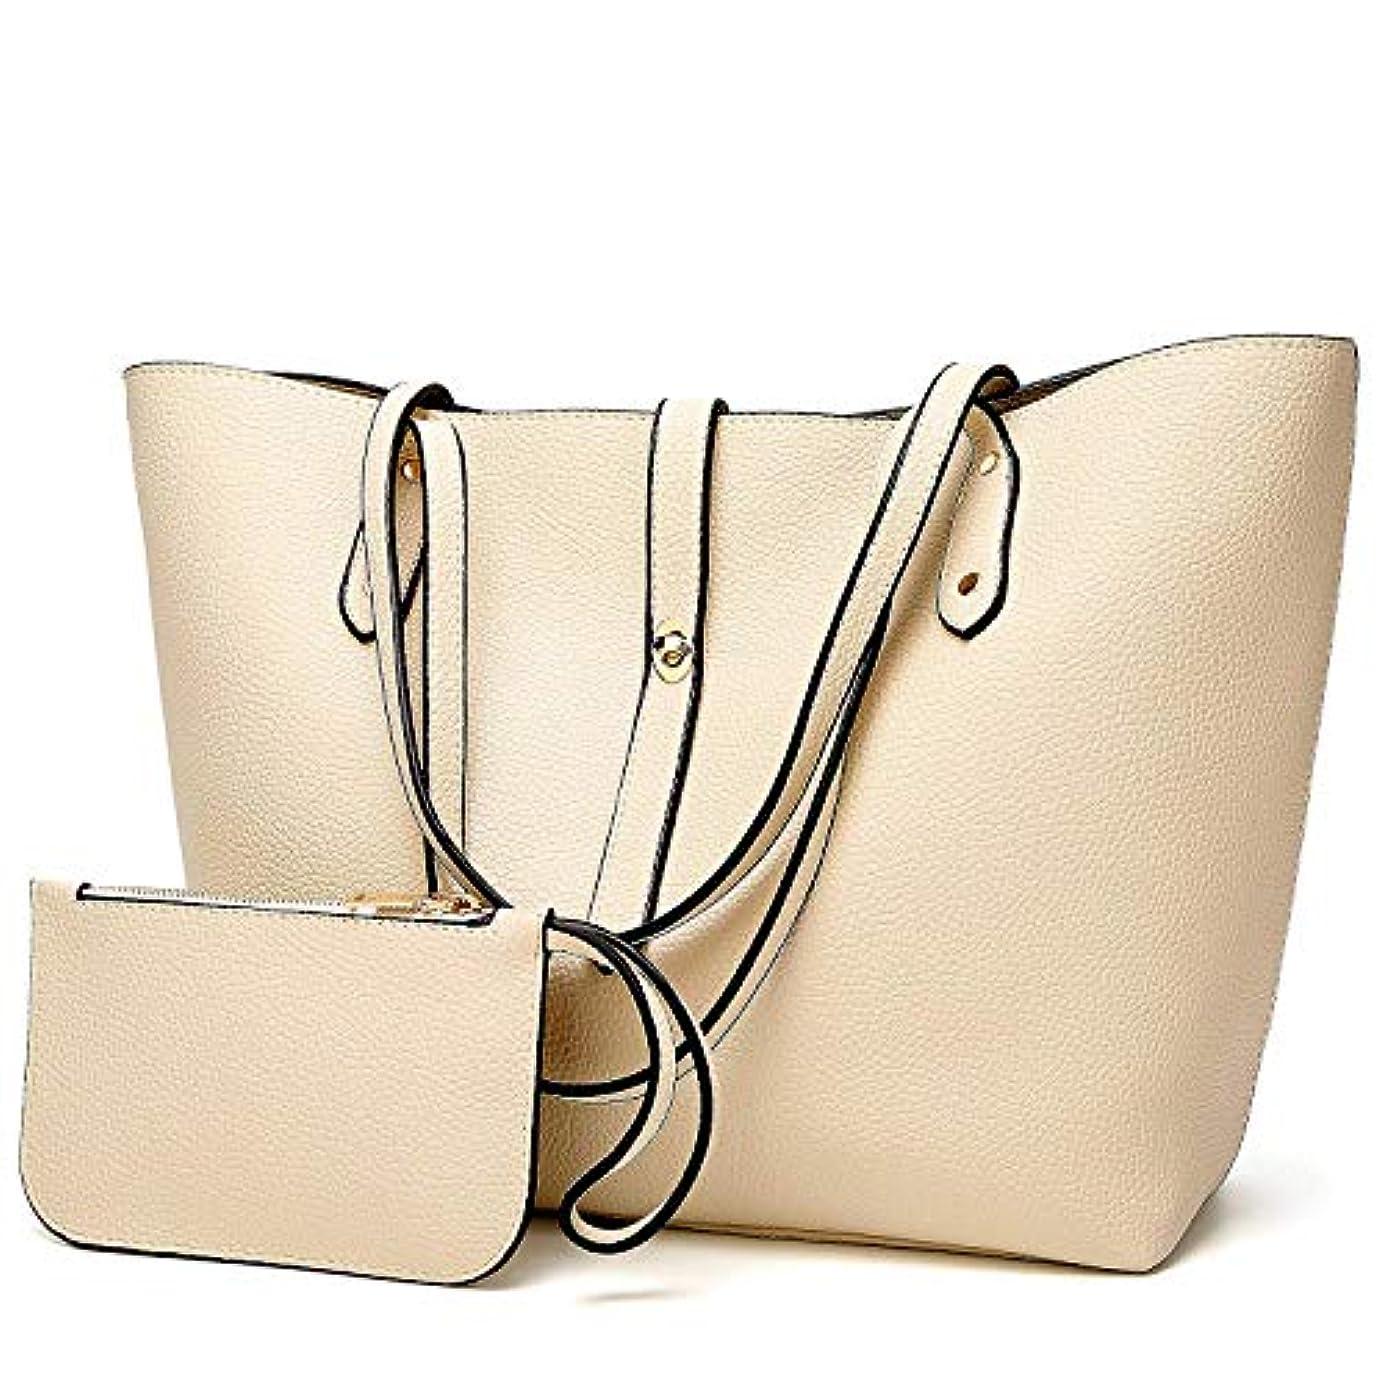 再生隠す身元[TcIFE] ハンドバッグ レディース トートバッグ 大容量 無地 ショルダーバッグ 2way 財布とハンドバッグ